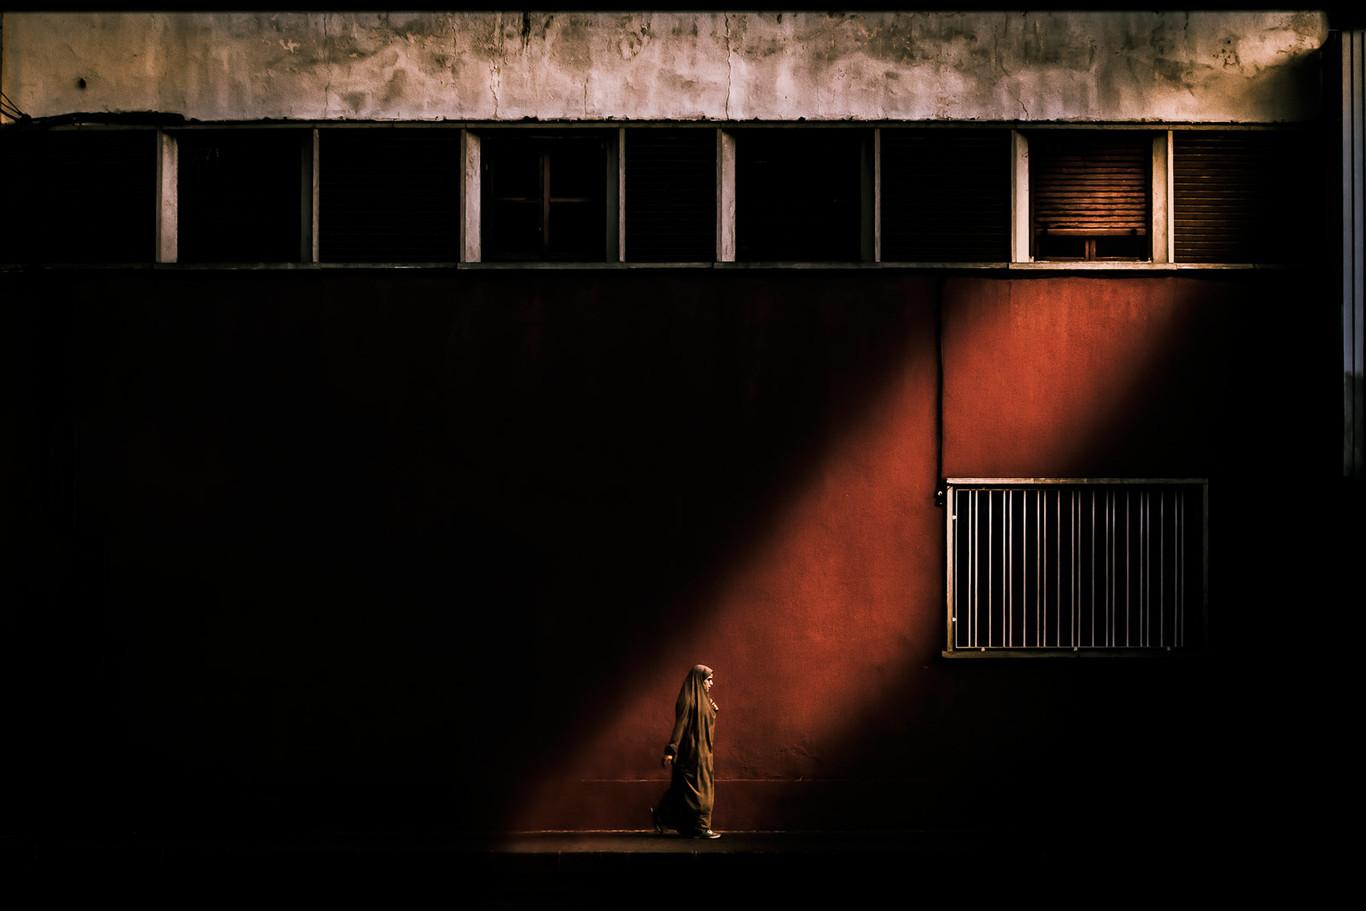 Estas son las fotografías ganadoras de los Sony World Photography Awards 2020 en categoría Open